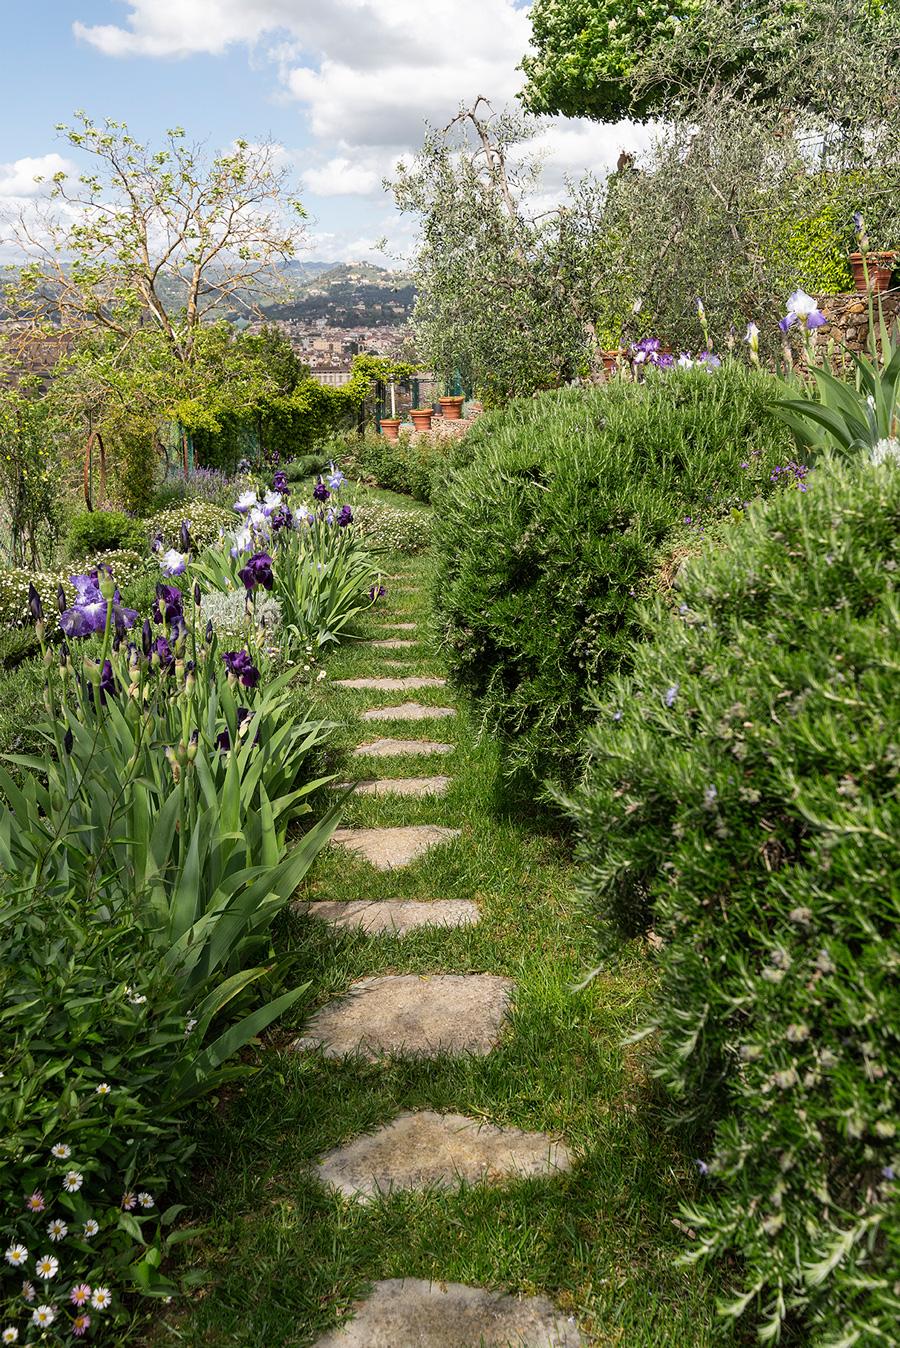 percorso con fiori e piante officinali, colori e profumi